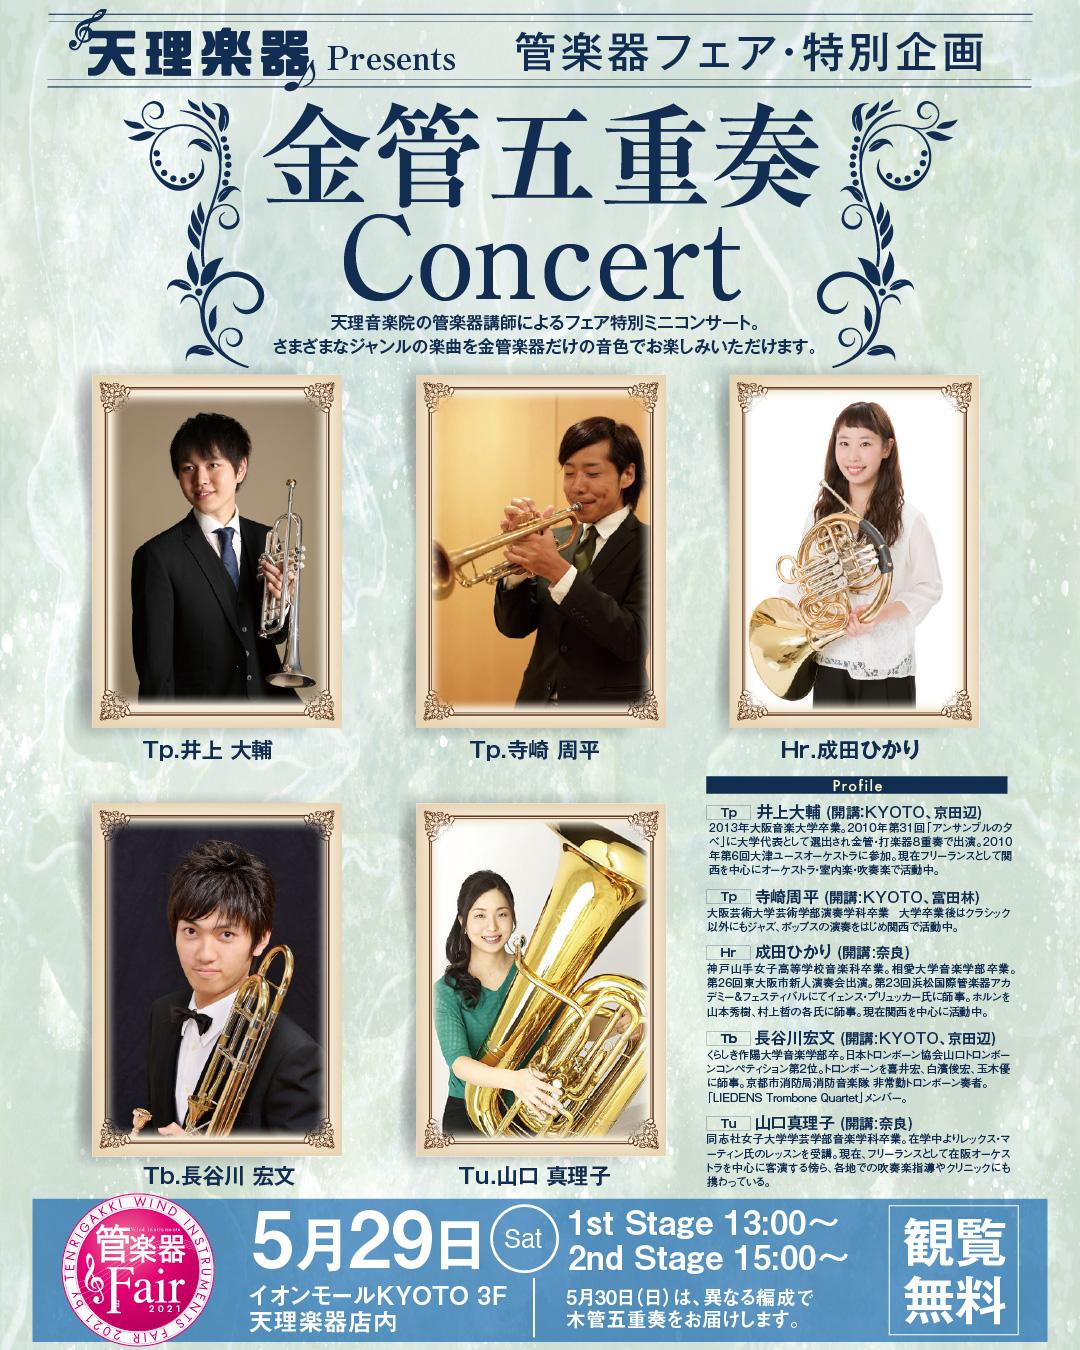 管楽器フェアー 金管五重奏コンサート